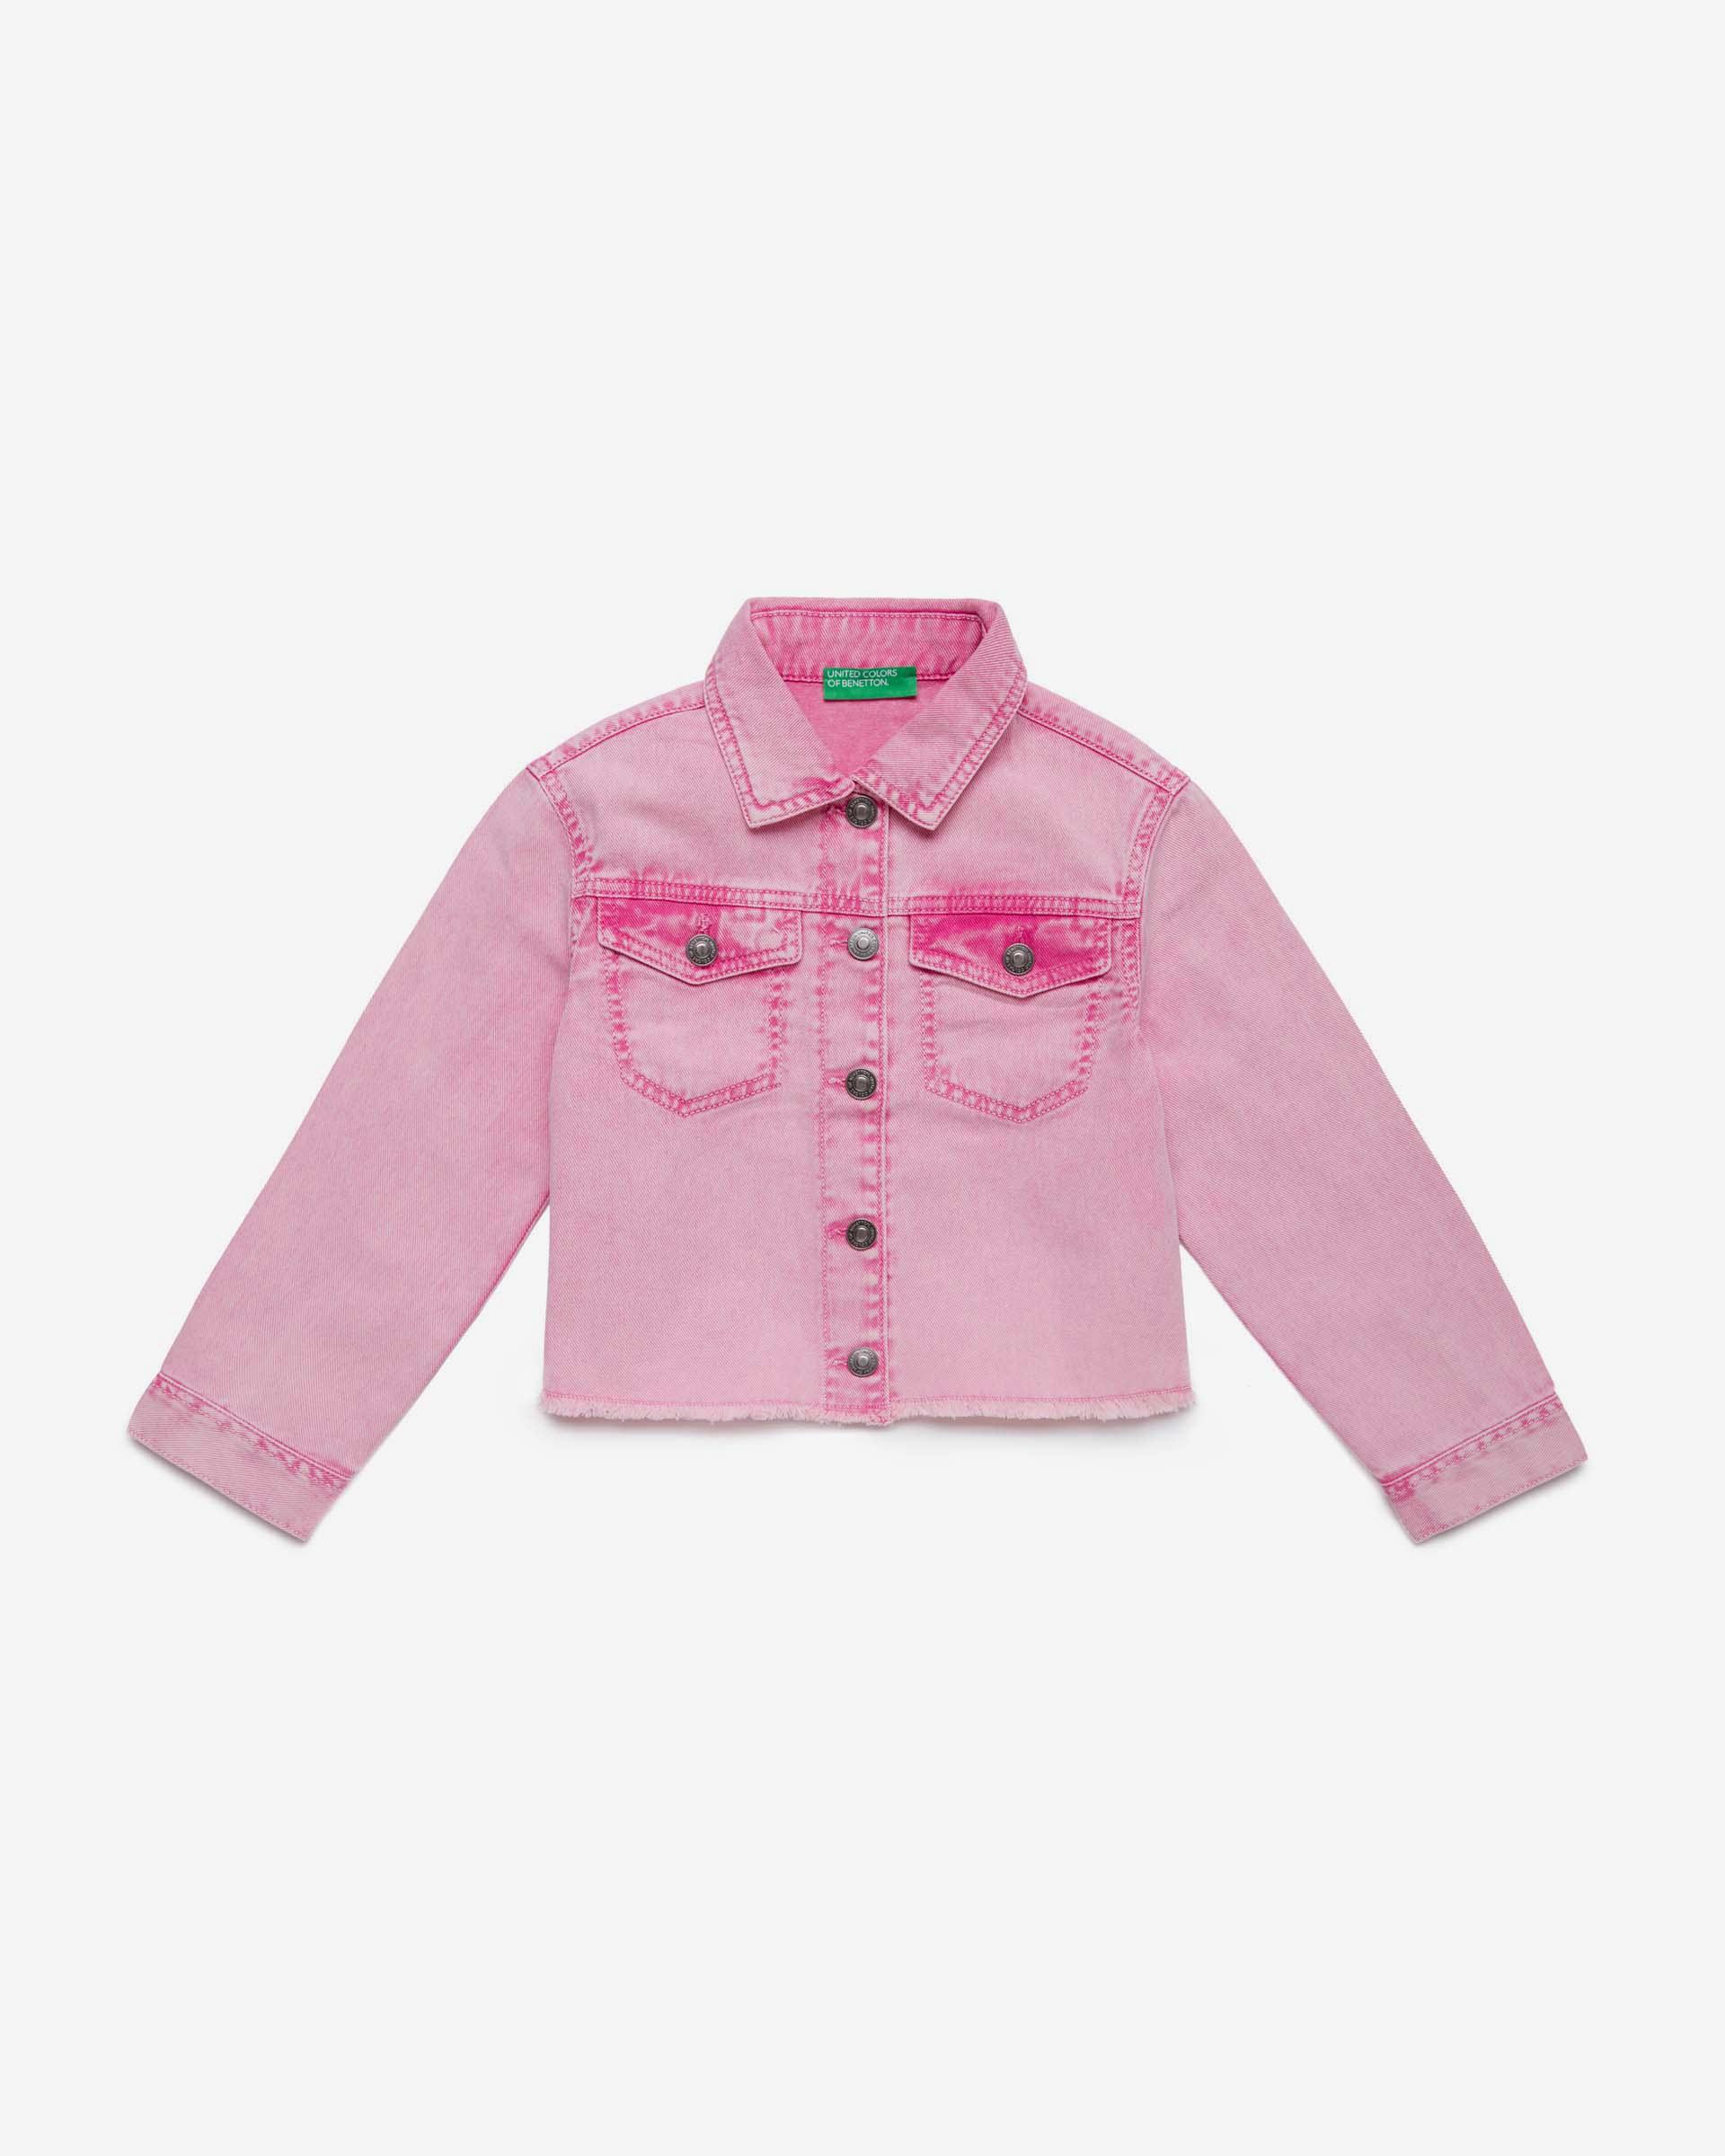 Купить 20P_2PL353HW0_901, Джинсовая куртка для девочек Benetton 2PL353HW0_901 р-р 128, United Colors of Benetton, Куртки для девочек